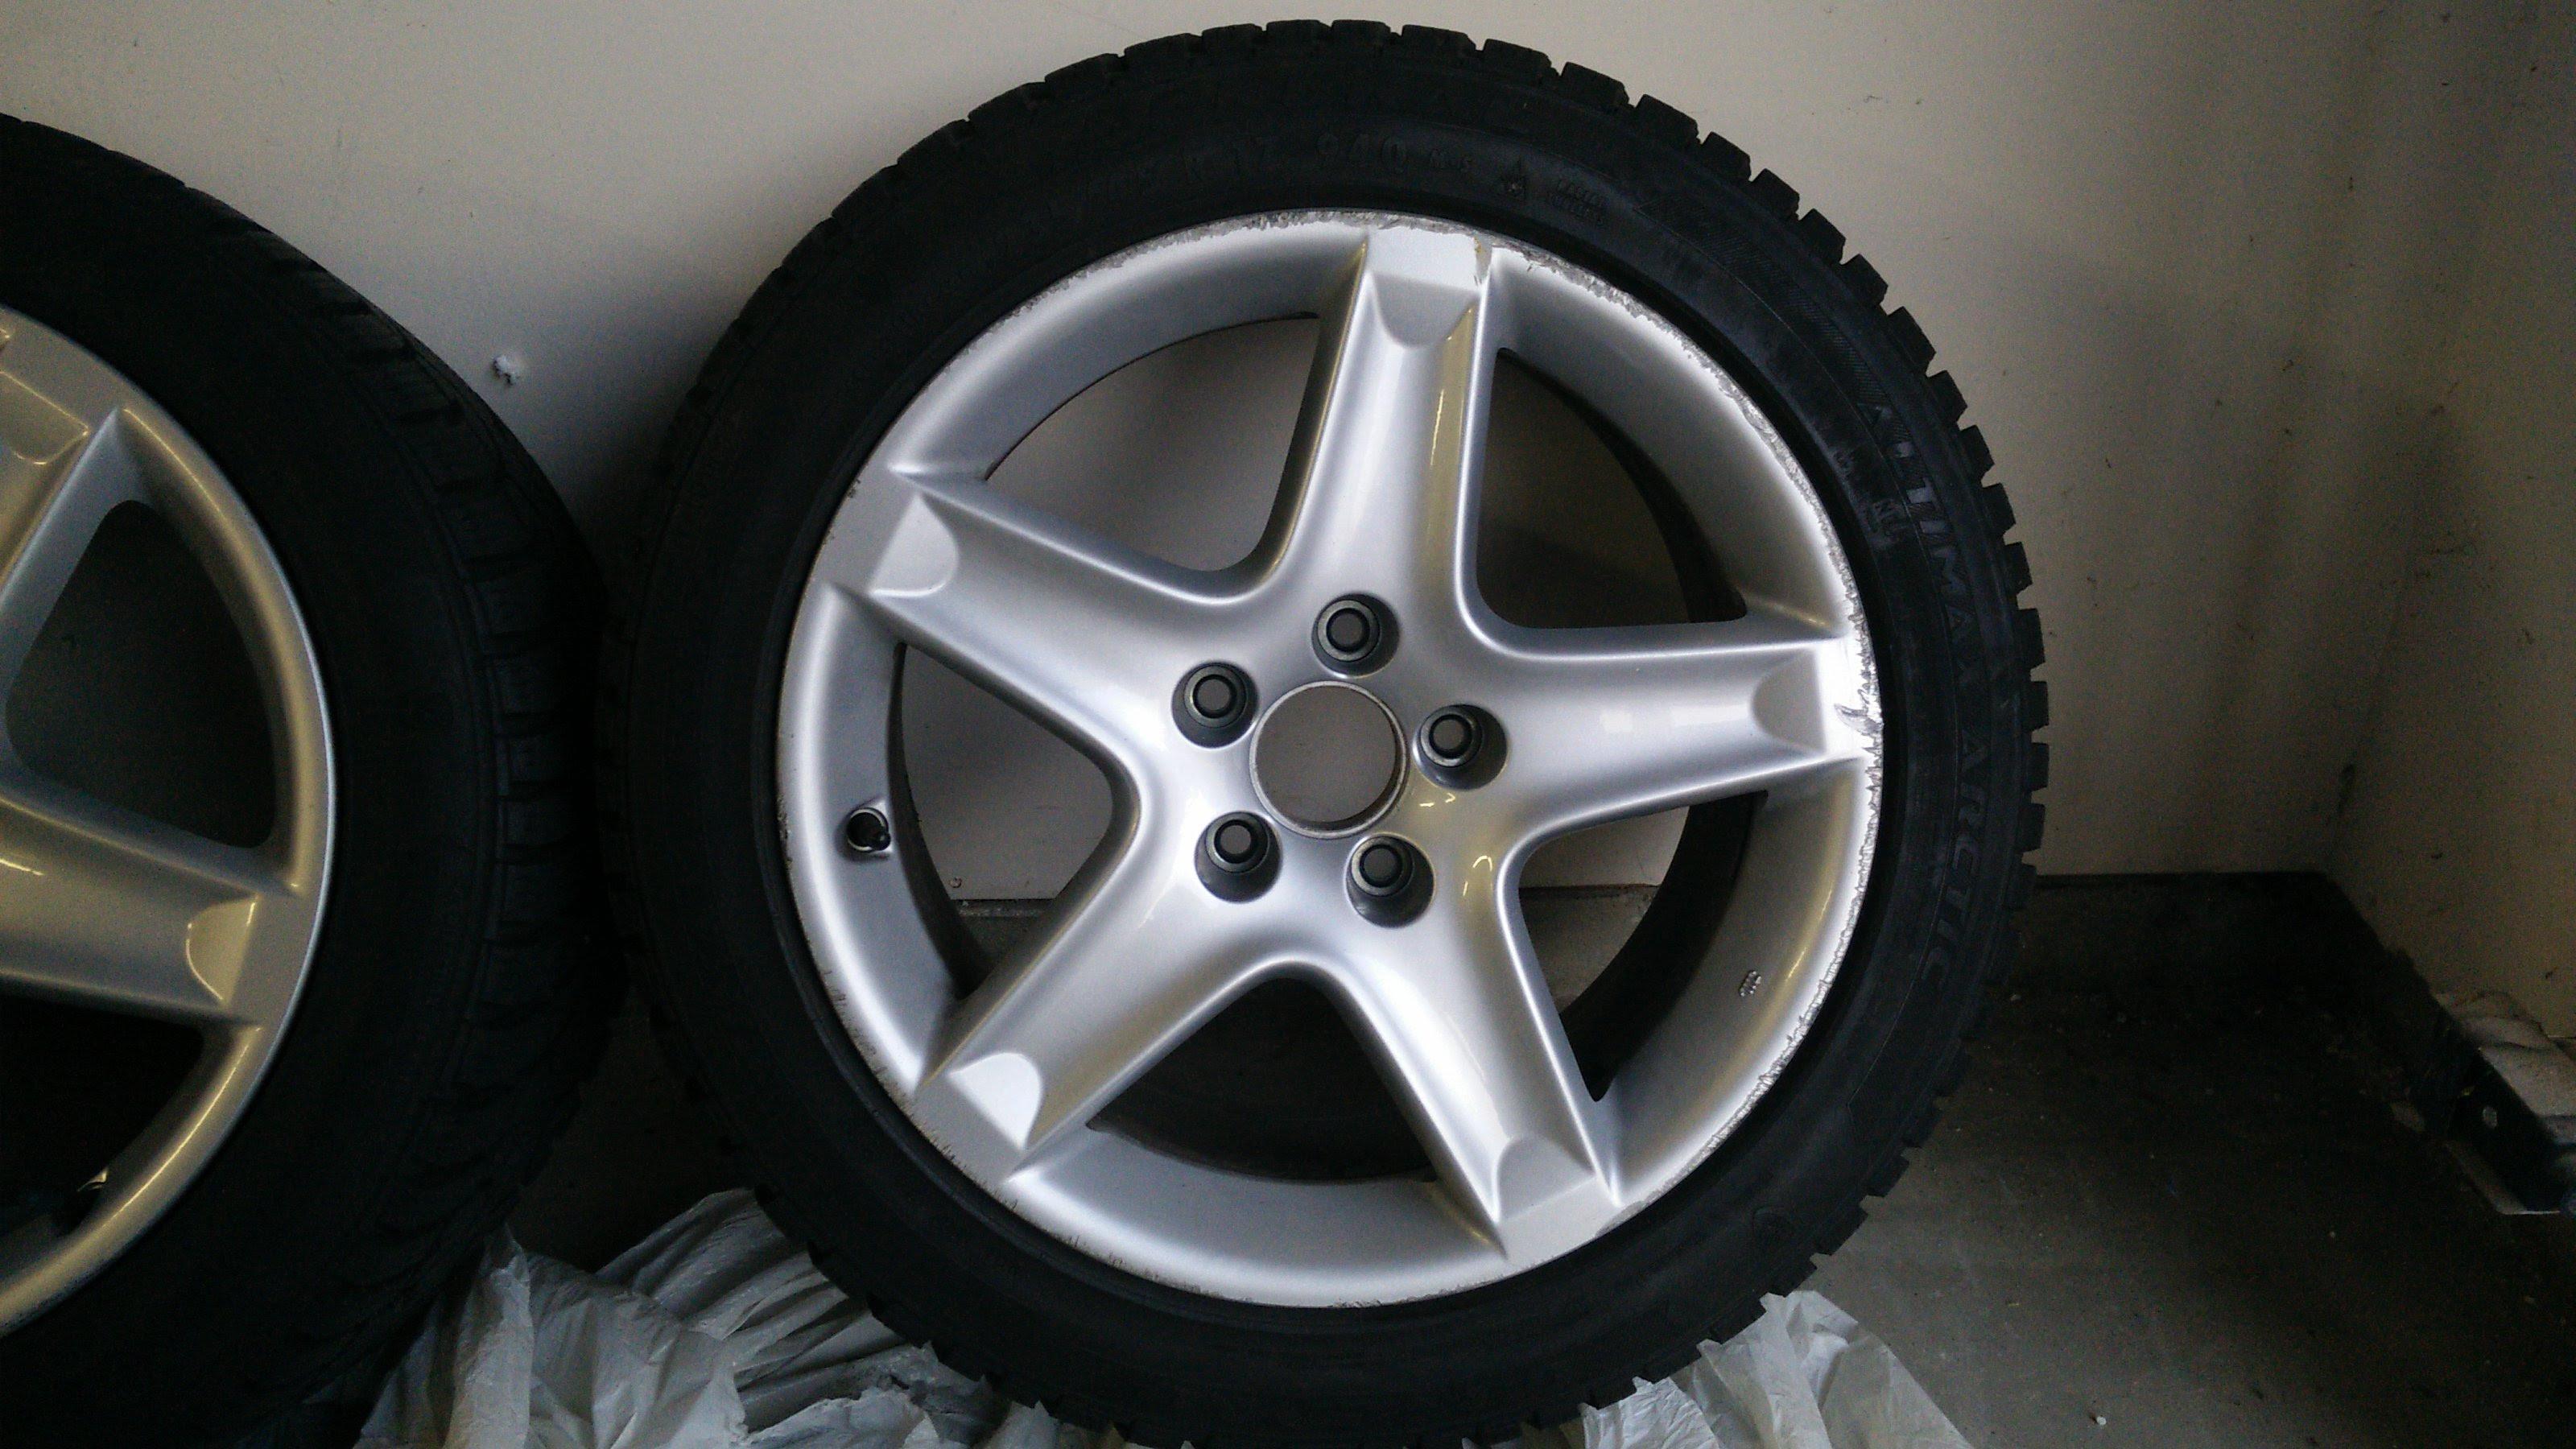 Closed 2004 Acura Tl Oem Wheels W General Altimax Arctic Winter Tires Acurazine Acura